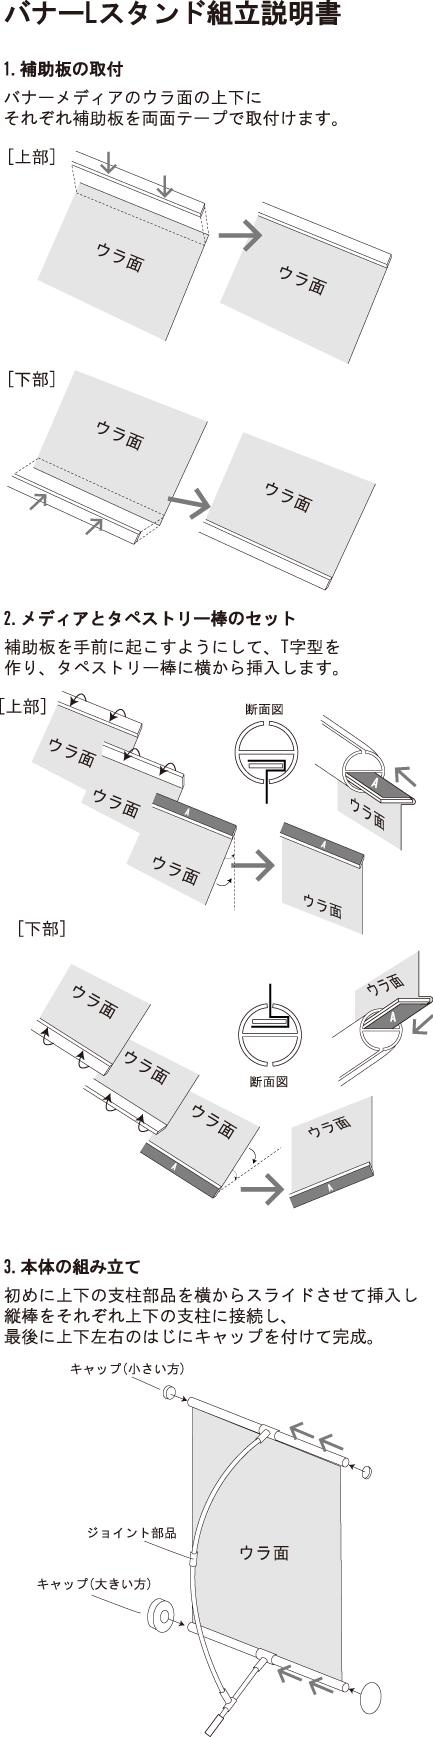 バナーLスタンドの取り付け方法